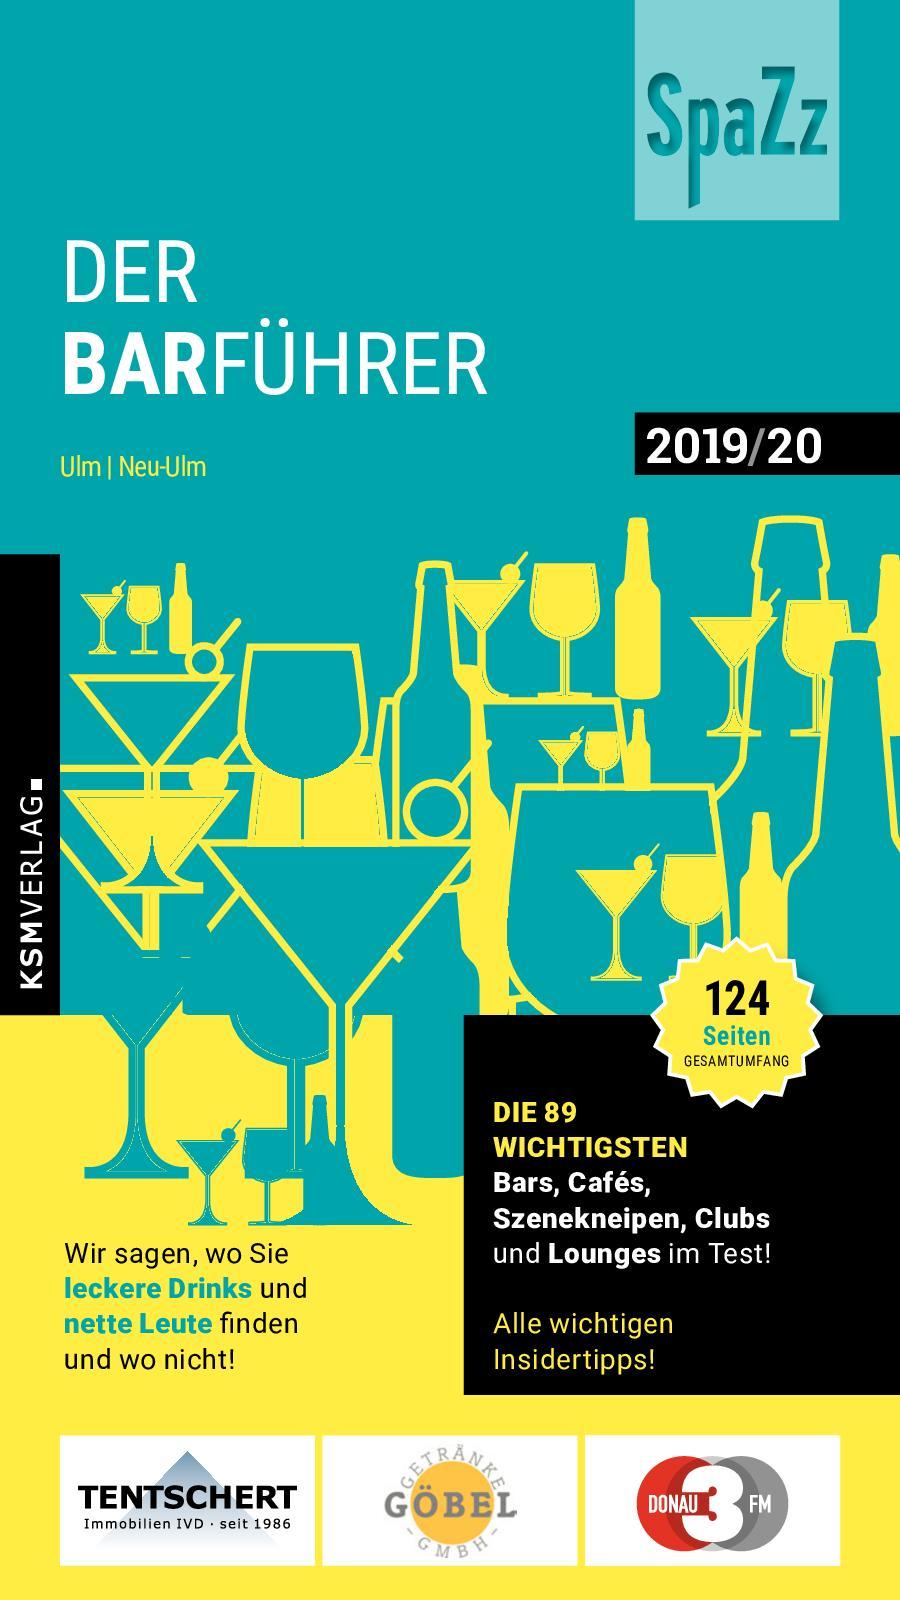 Der Barführer Ulm/Neu-Ulm 2019/20